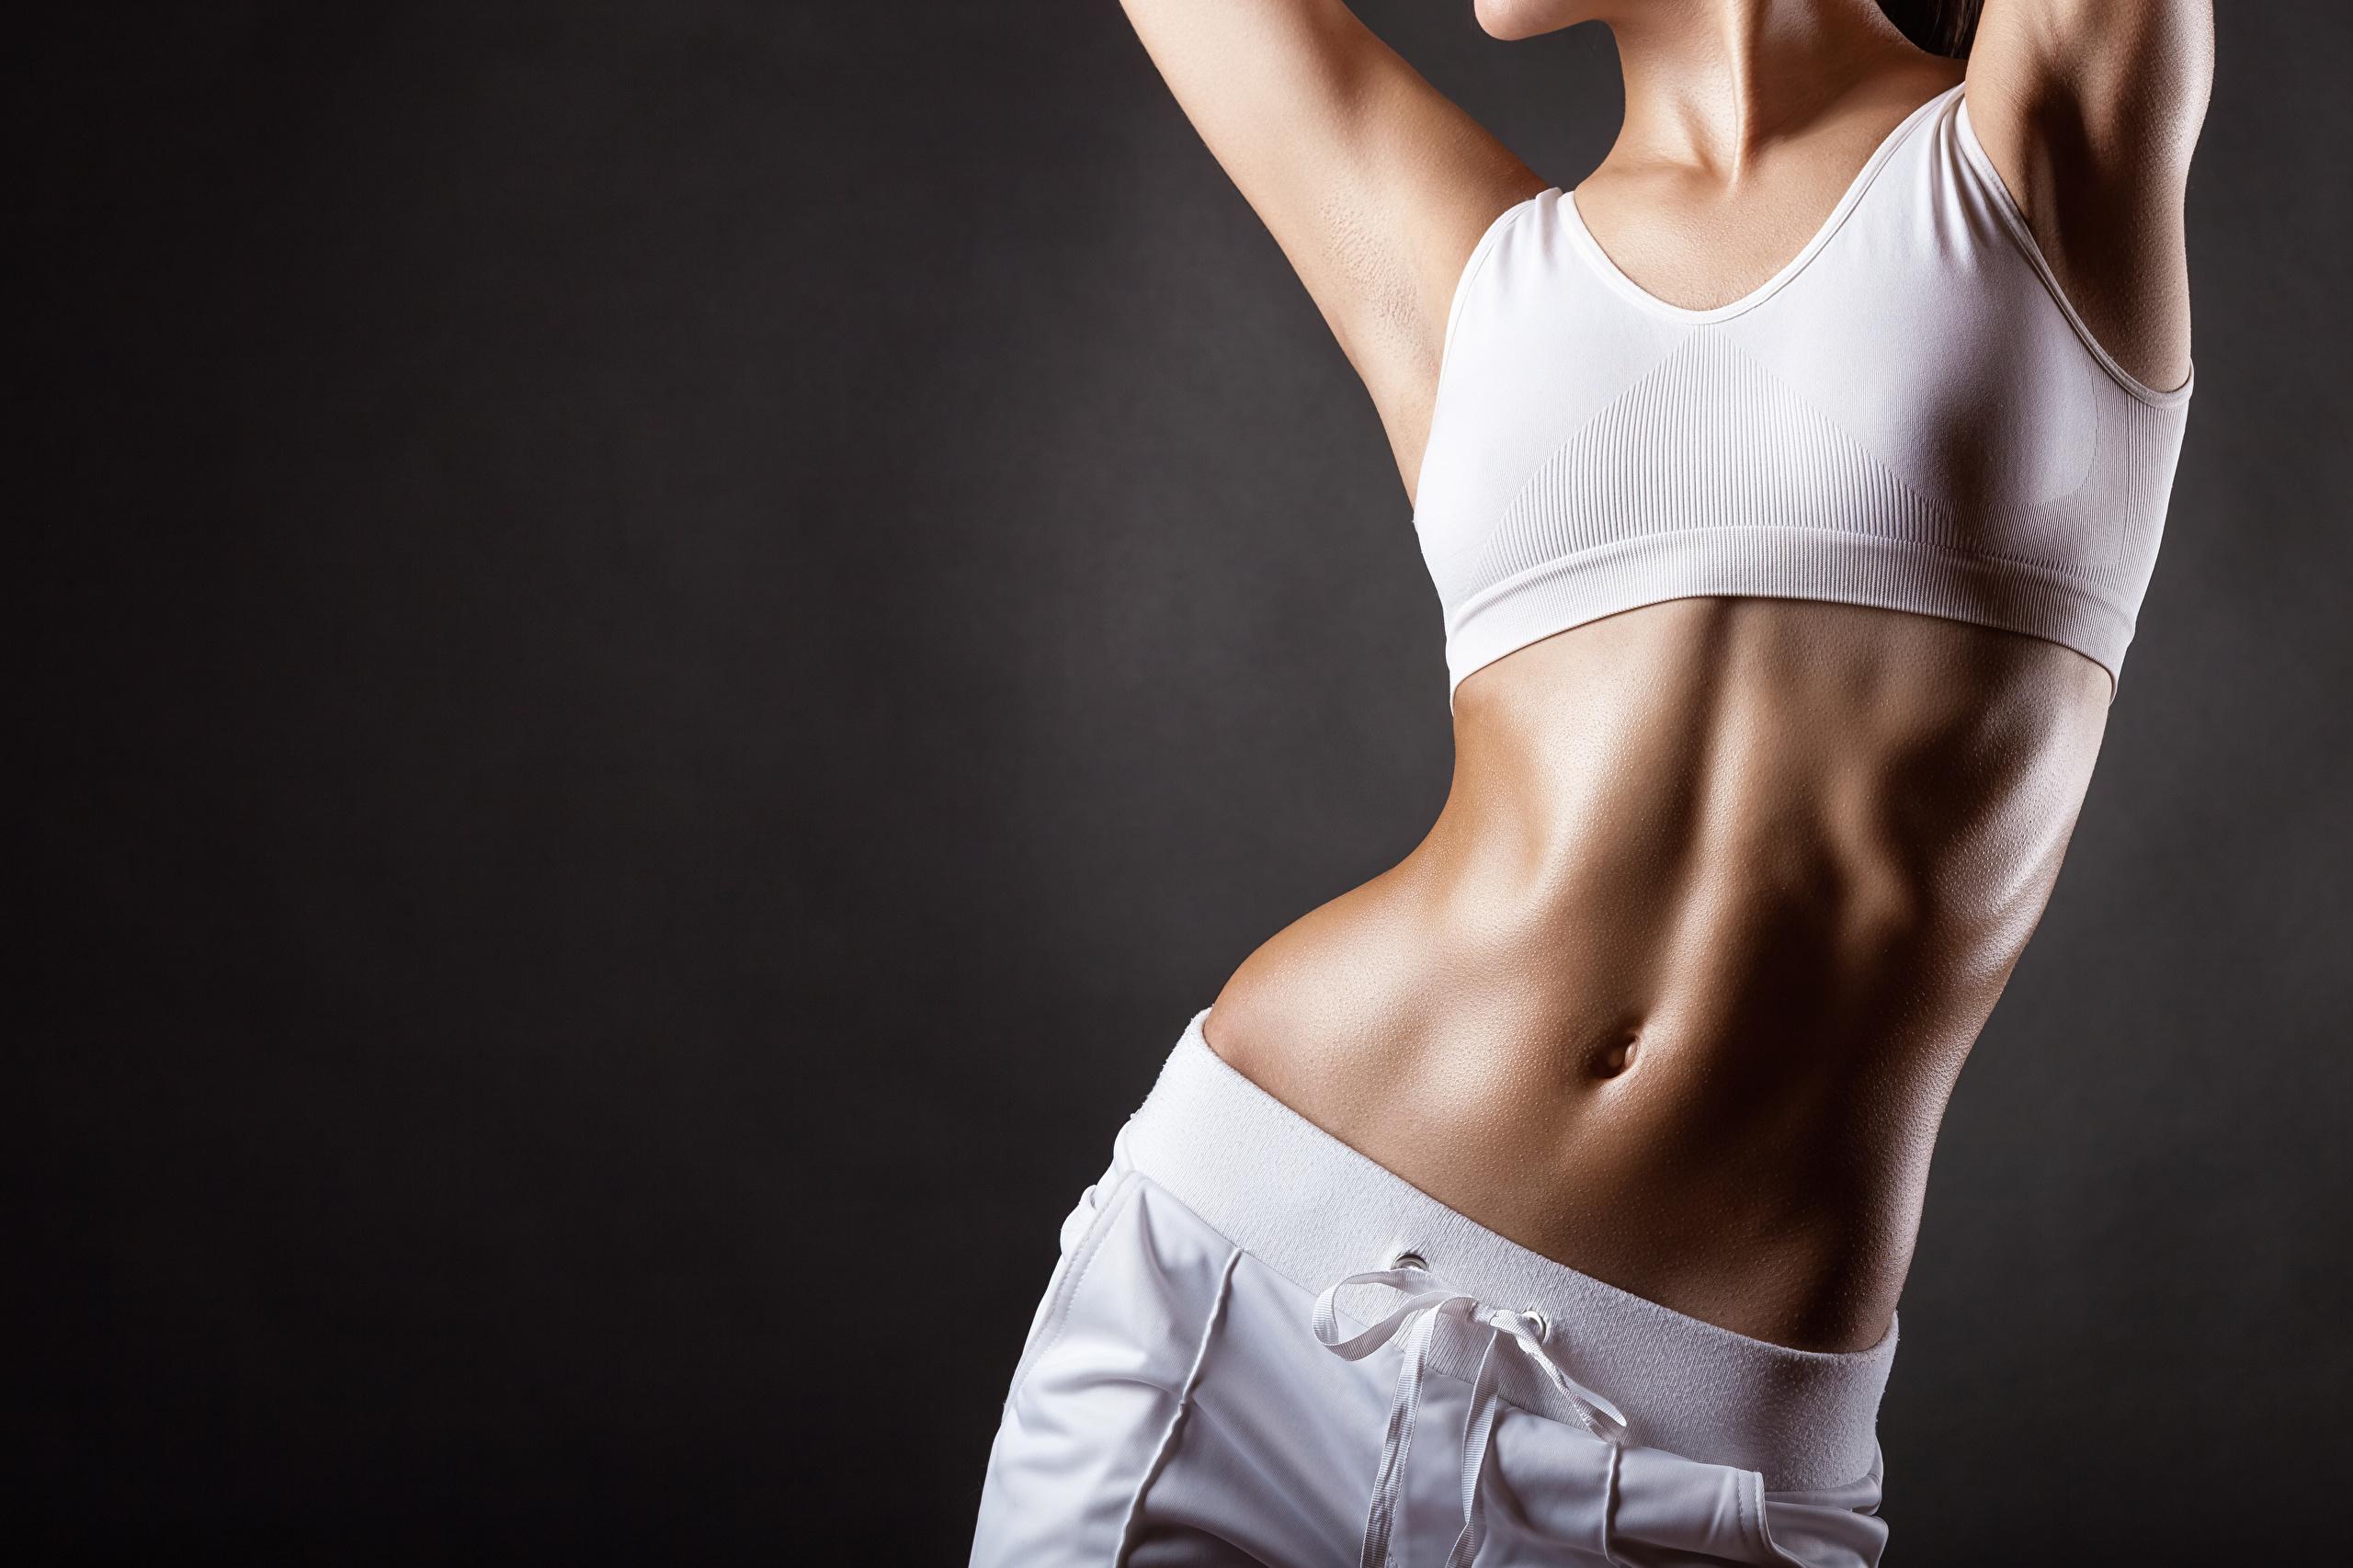 О чем говорит живот: что означают жировые отложения, и как от них избавиться